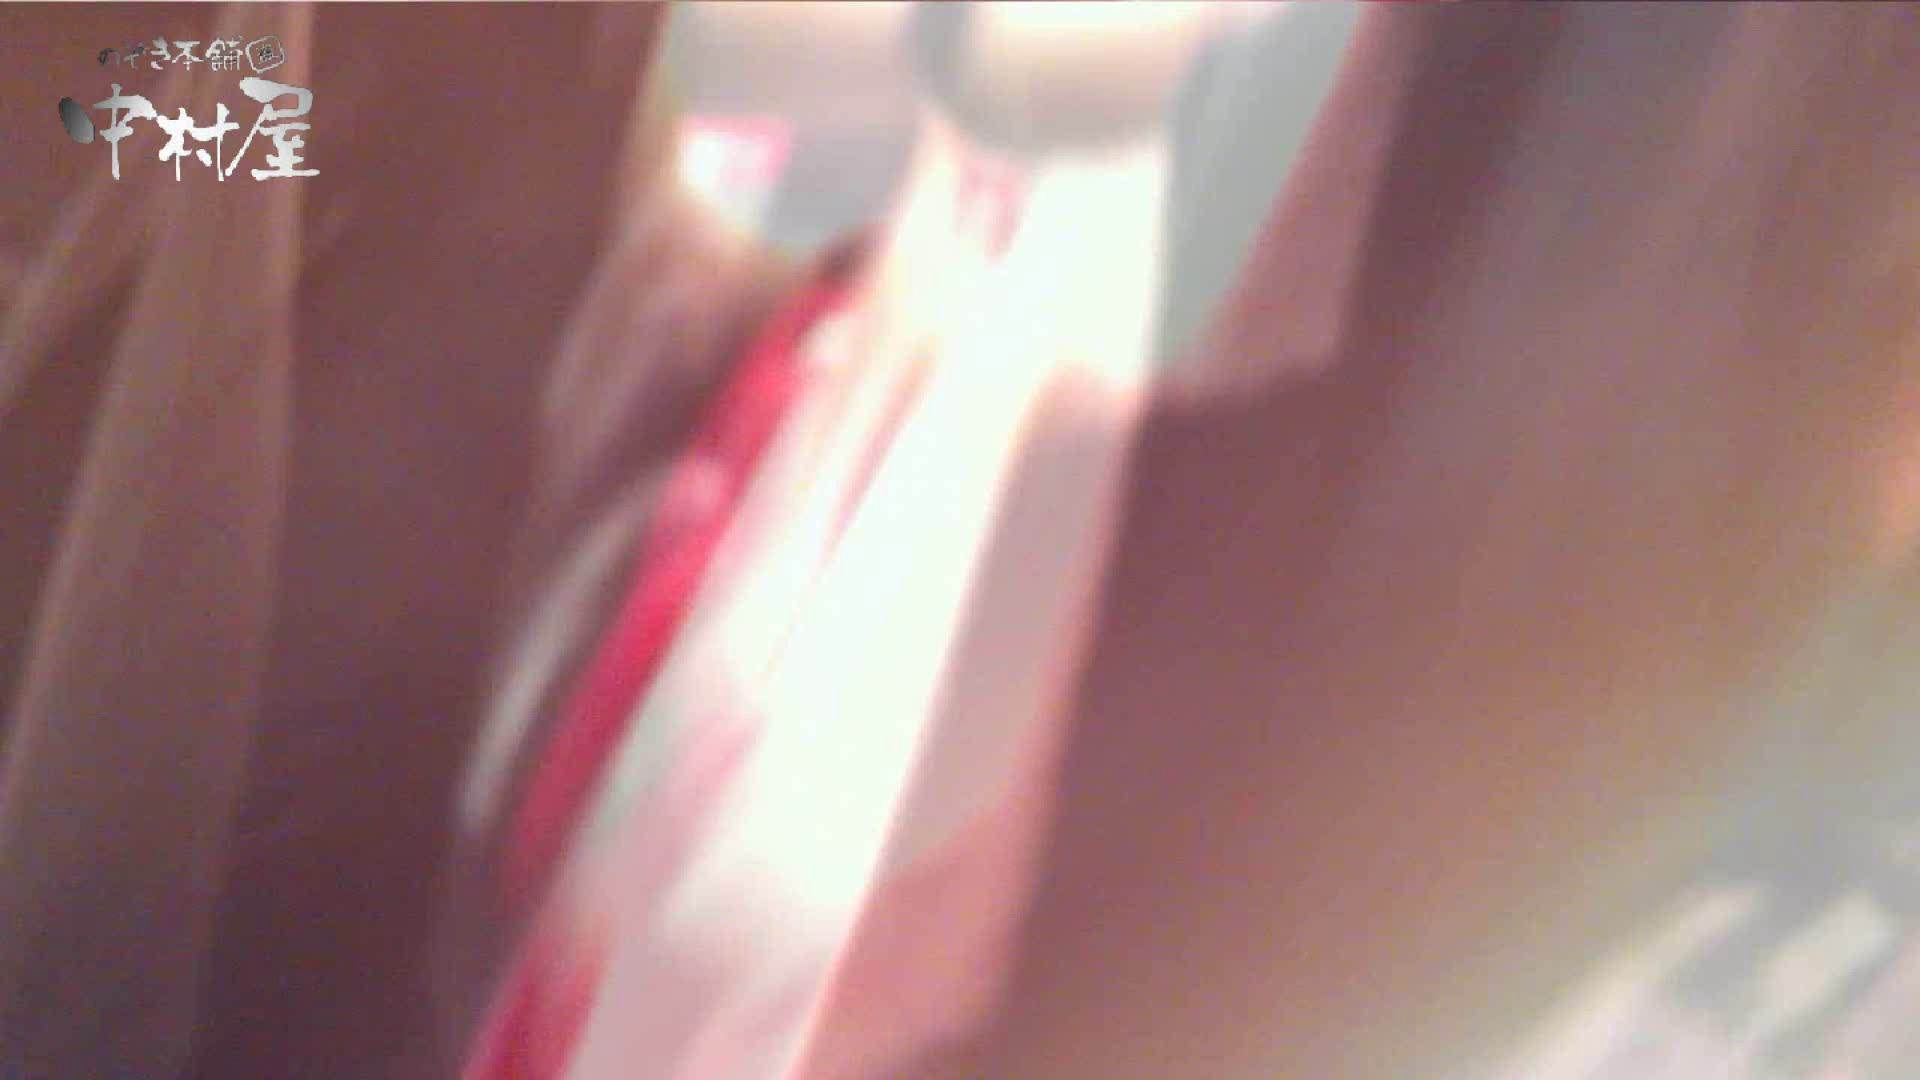 vol.47 カリスマ店員胸チラ&パンチラ 黒パン店員さん パンチラ すけべAV動画紹介 88PIX 51